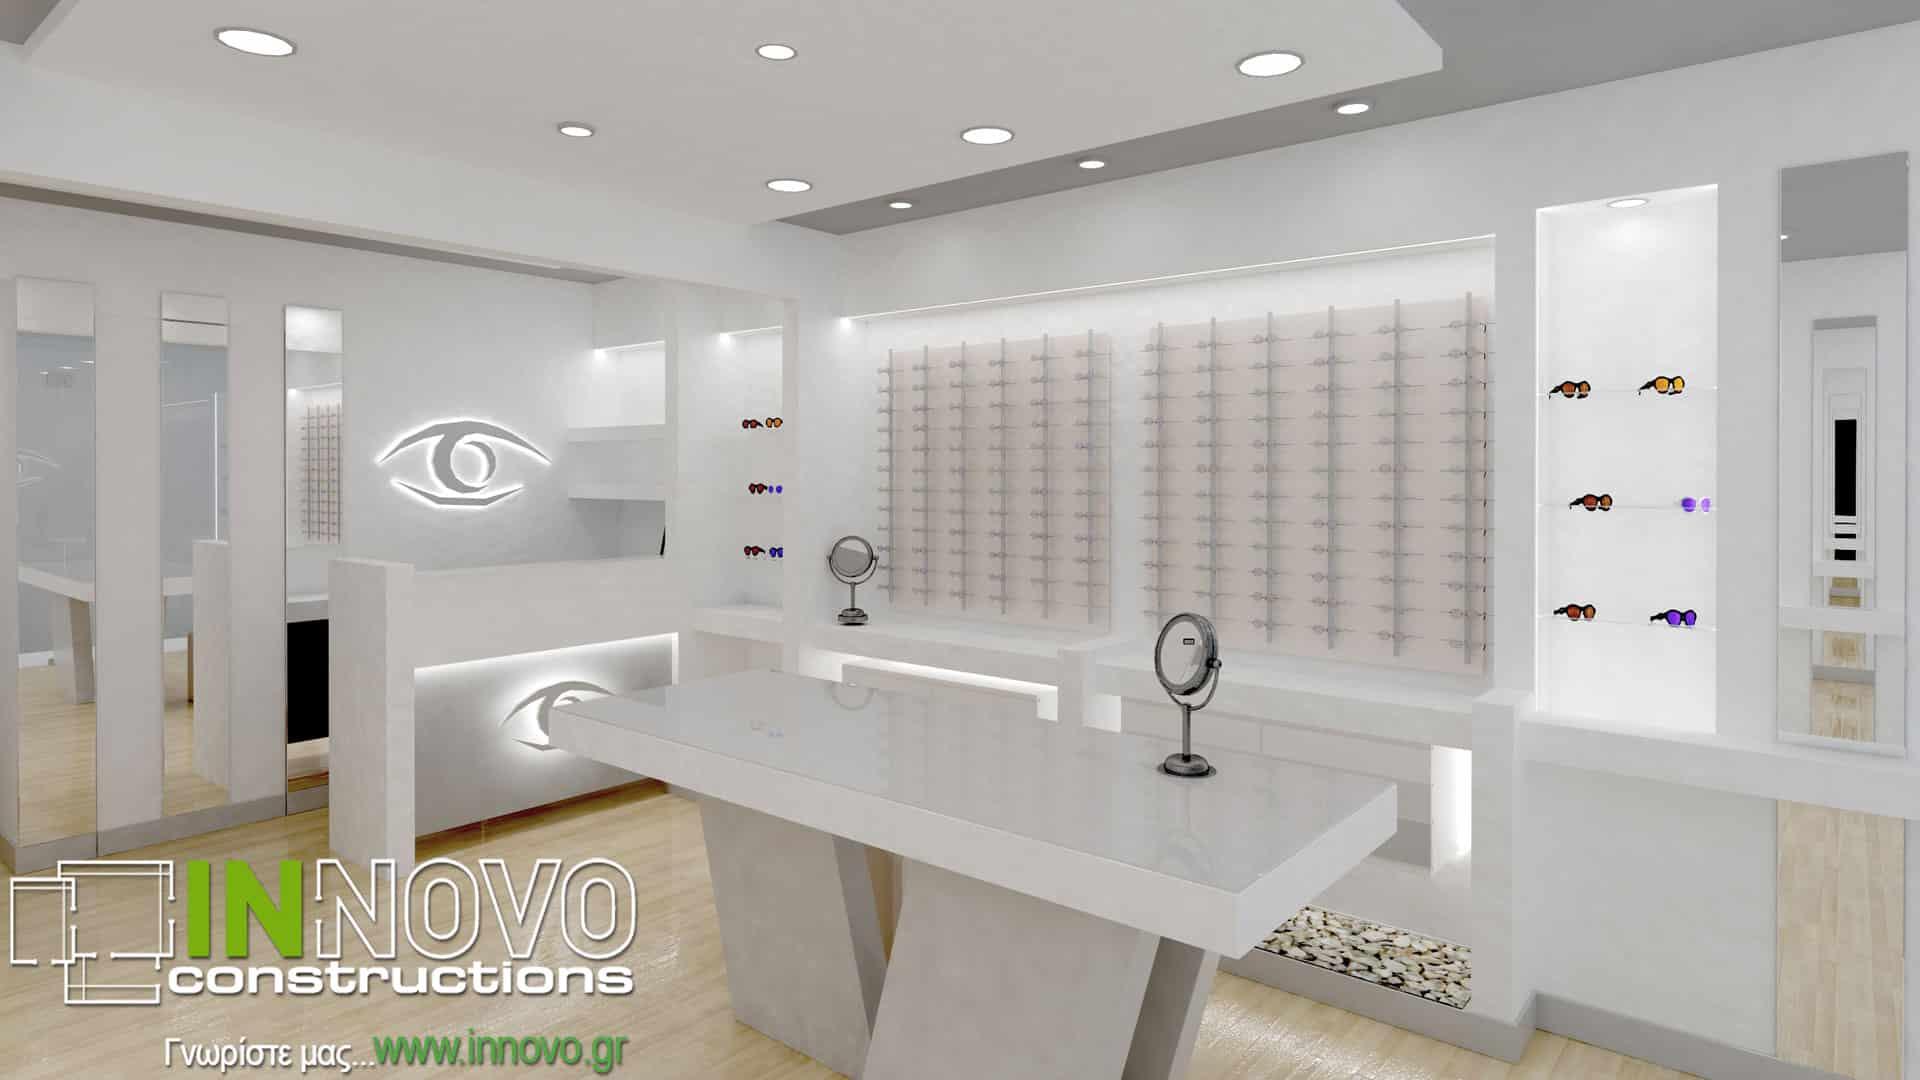 Ανακαίνιση οπτικού καταστήματος στο Πέραμα